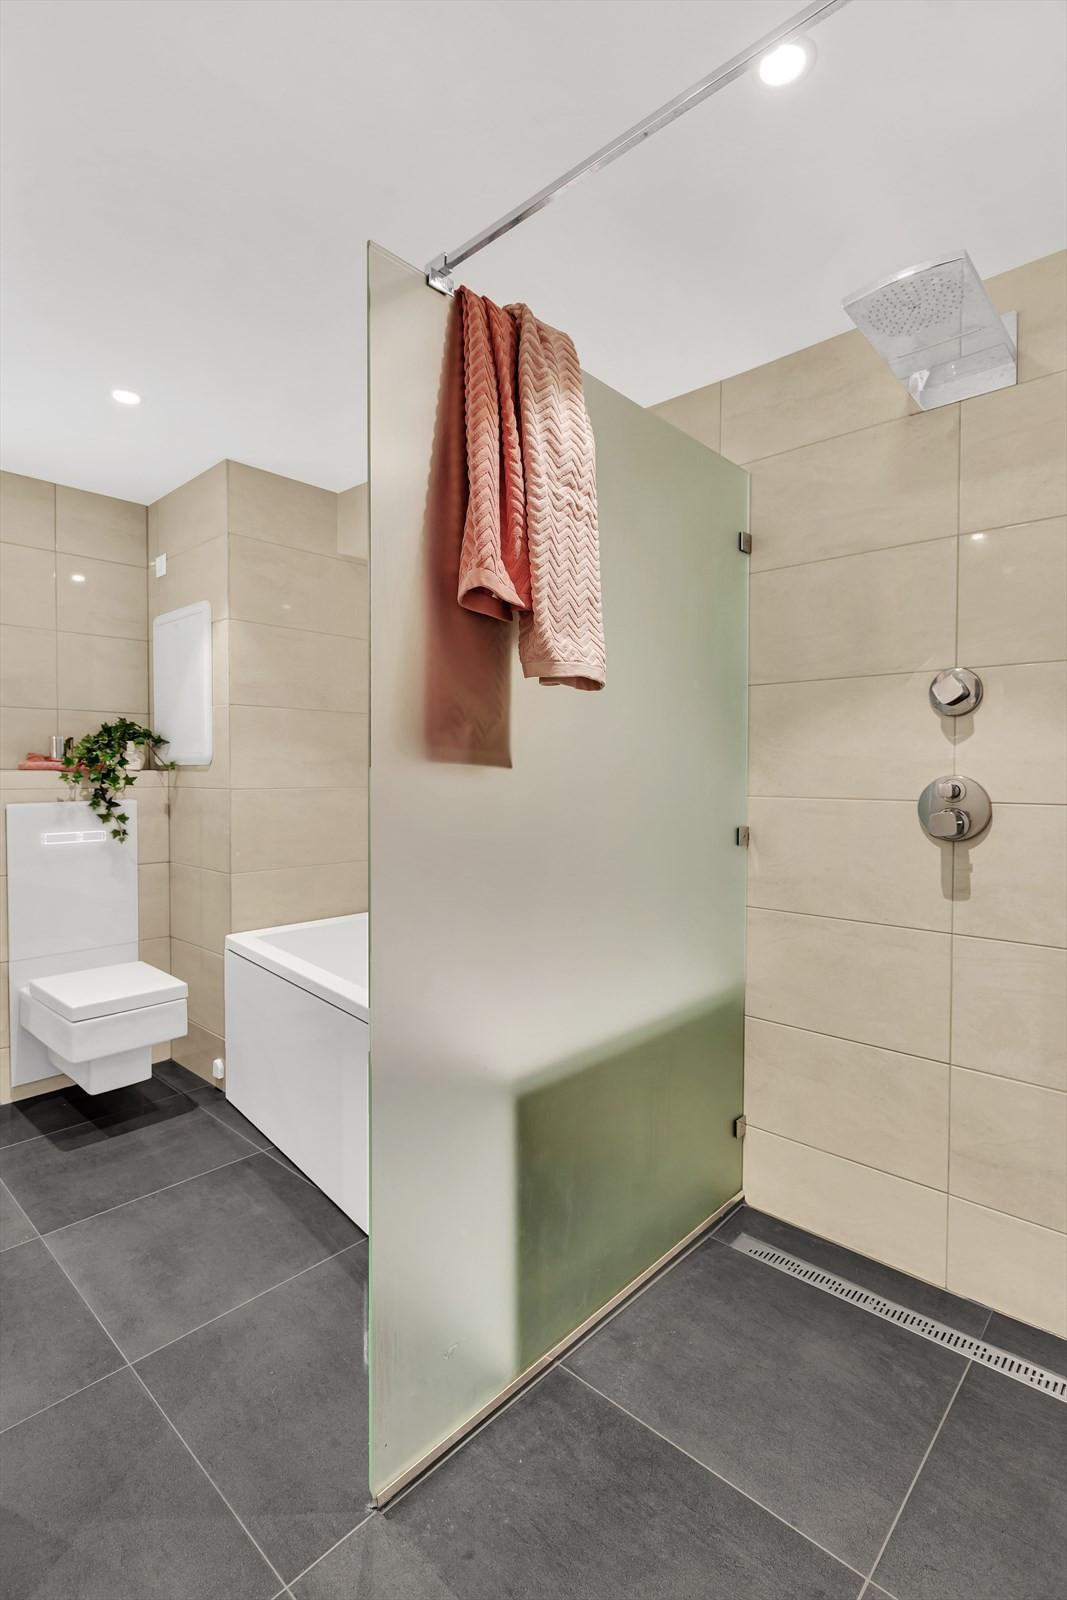 Storformat fliser på gulv; stor dusjnise og badekar